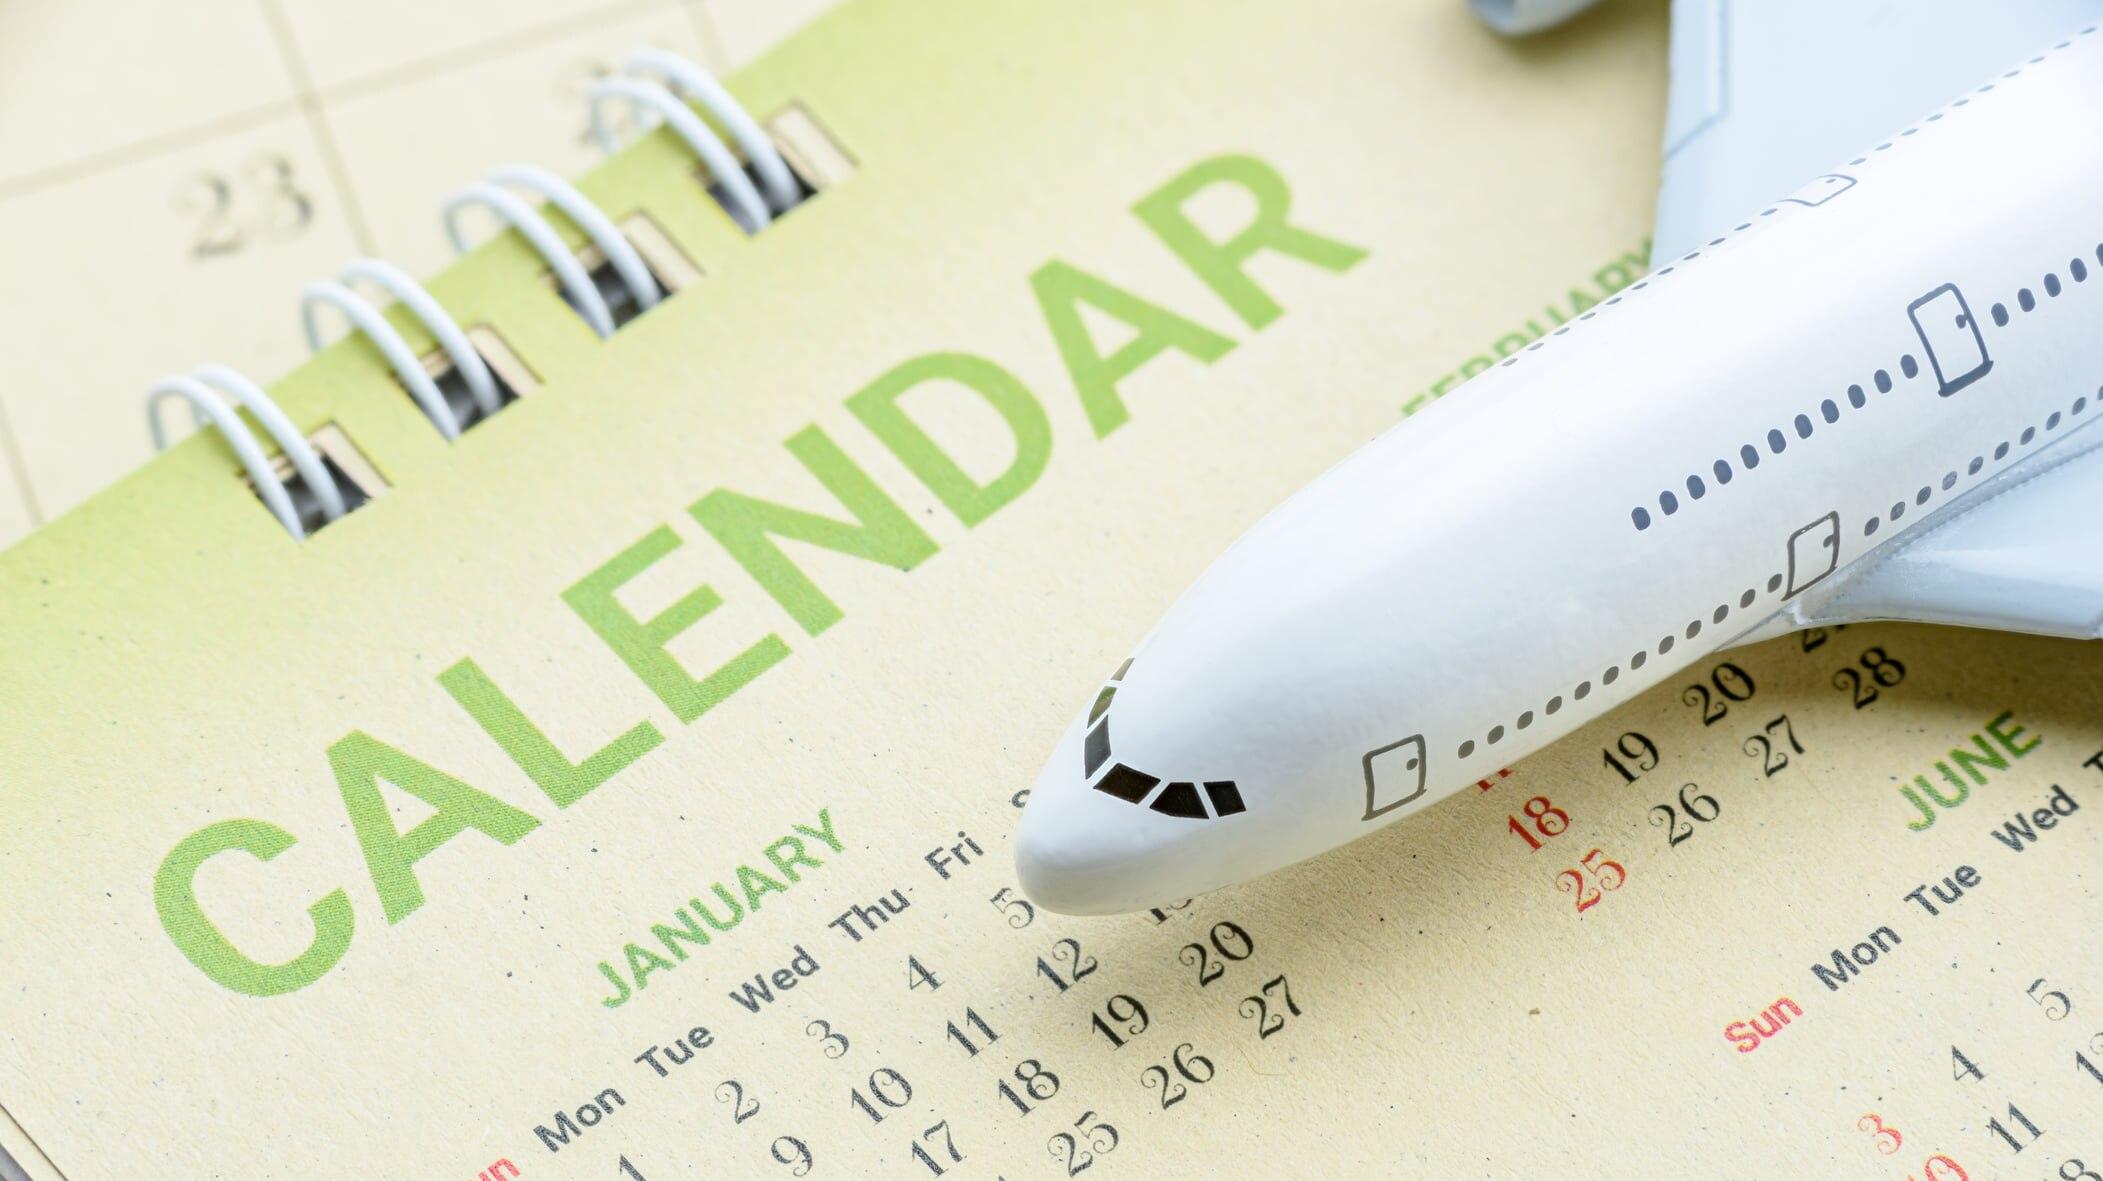 国内航空券は増税前の予約がオトク!旅行代と消費税の気になる情報を解説